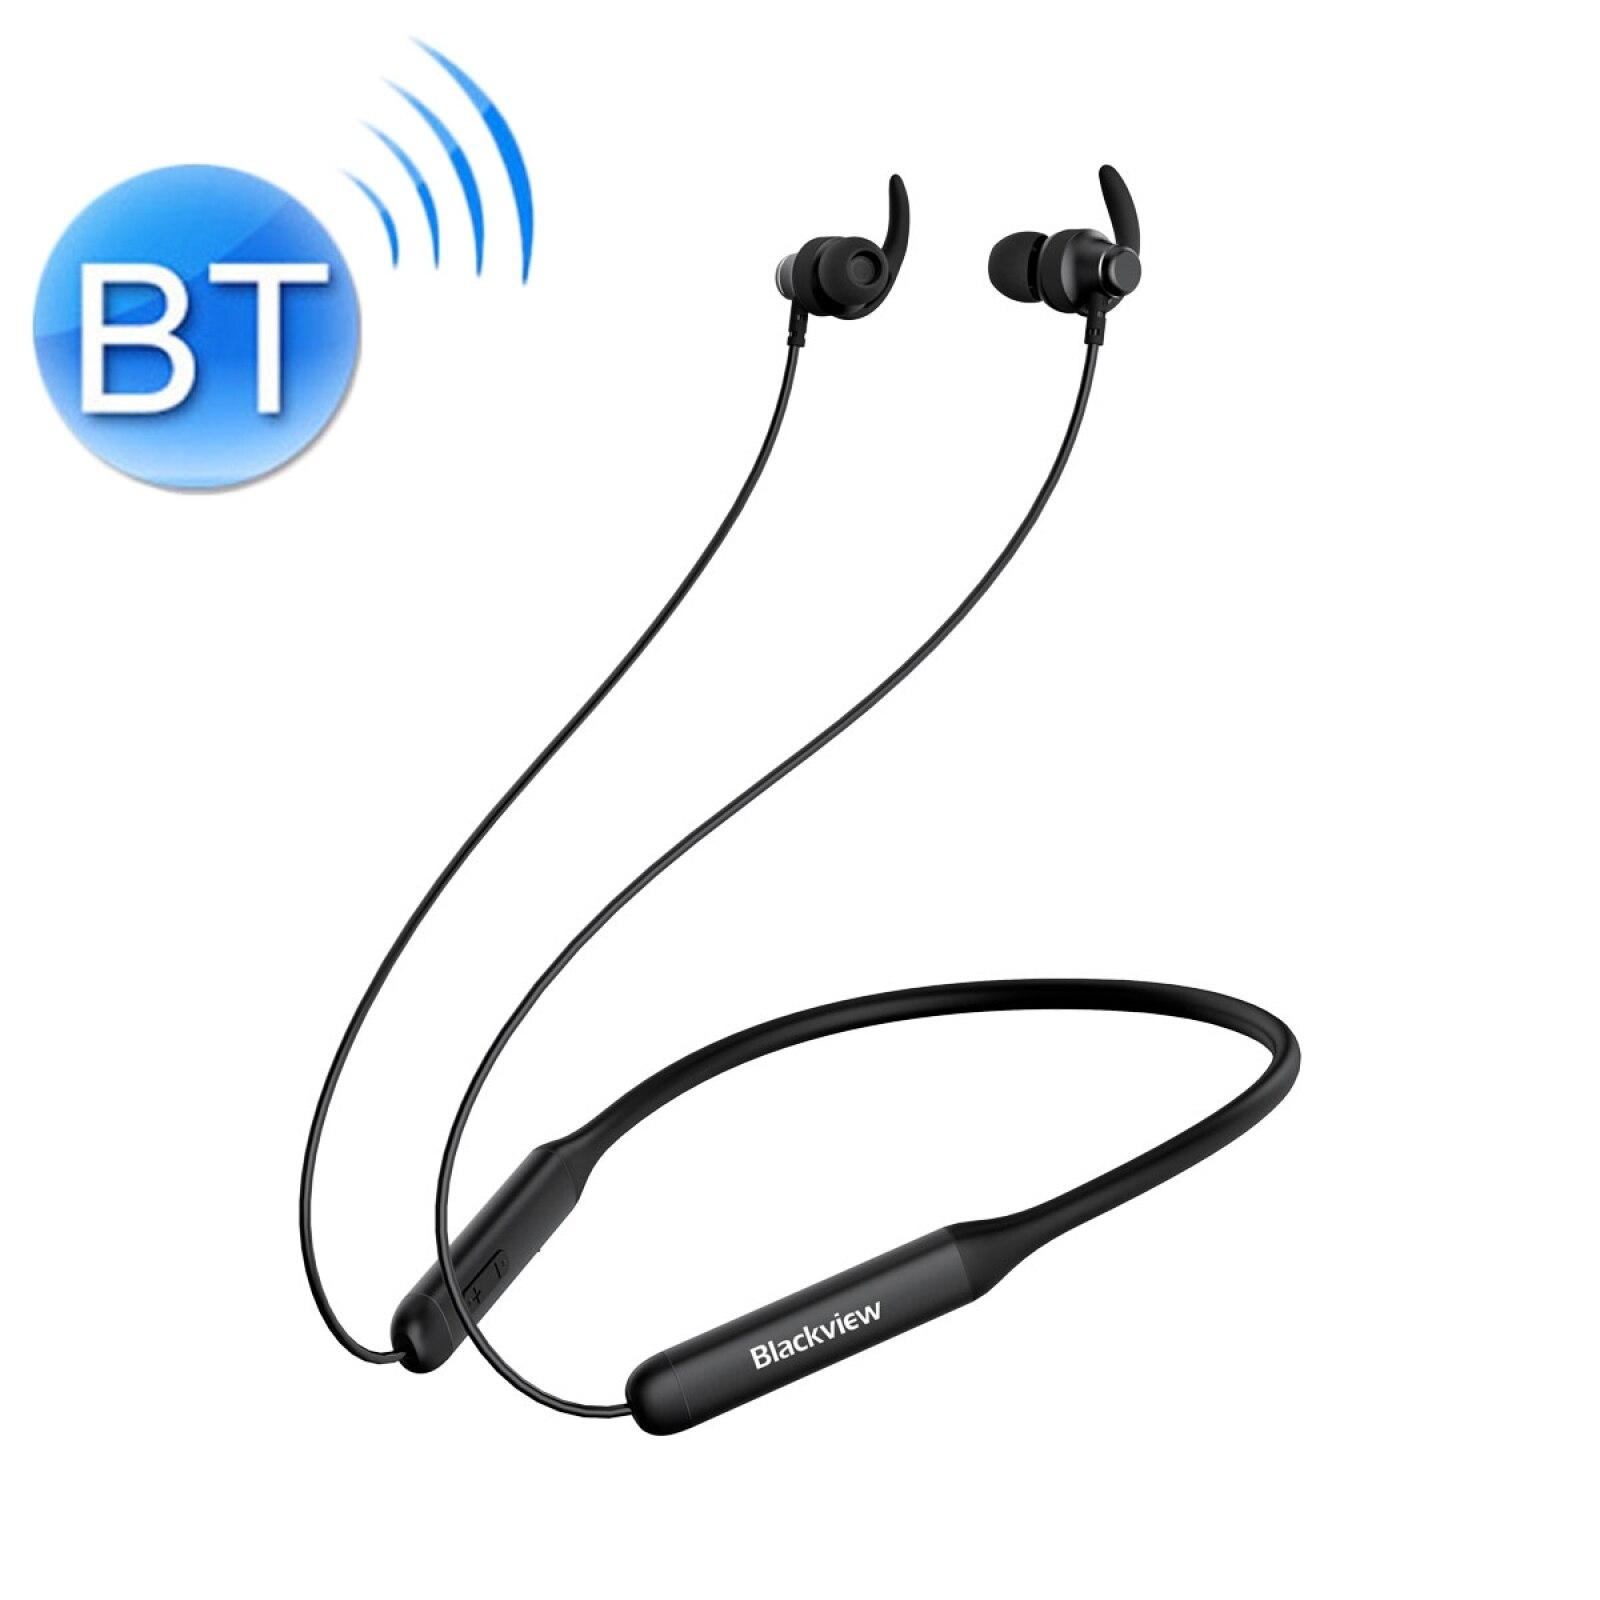 Blackview FitBuds 1 CVC8.0 الحد من الضوضاء الرقبة الخيالة المغناطيسي الرياضة بلوتوث سماعة دعم سلك التحكم و مساعد الصوت